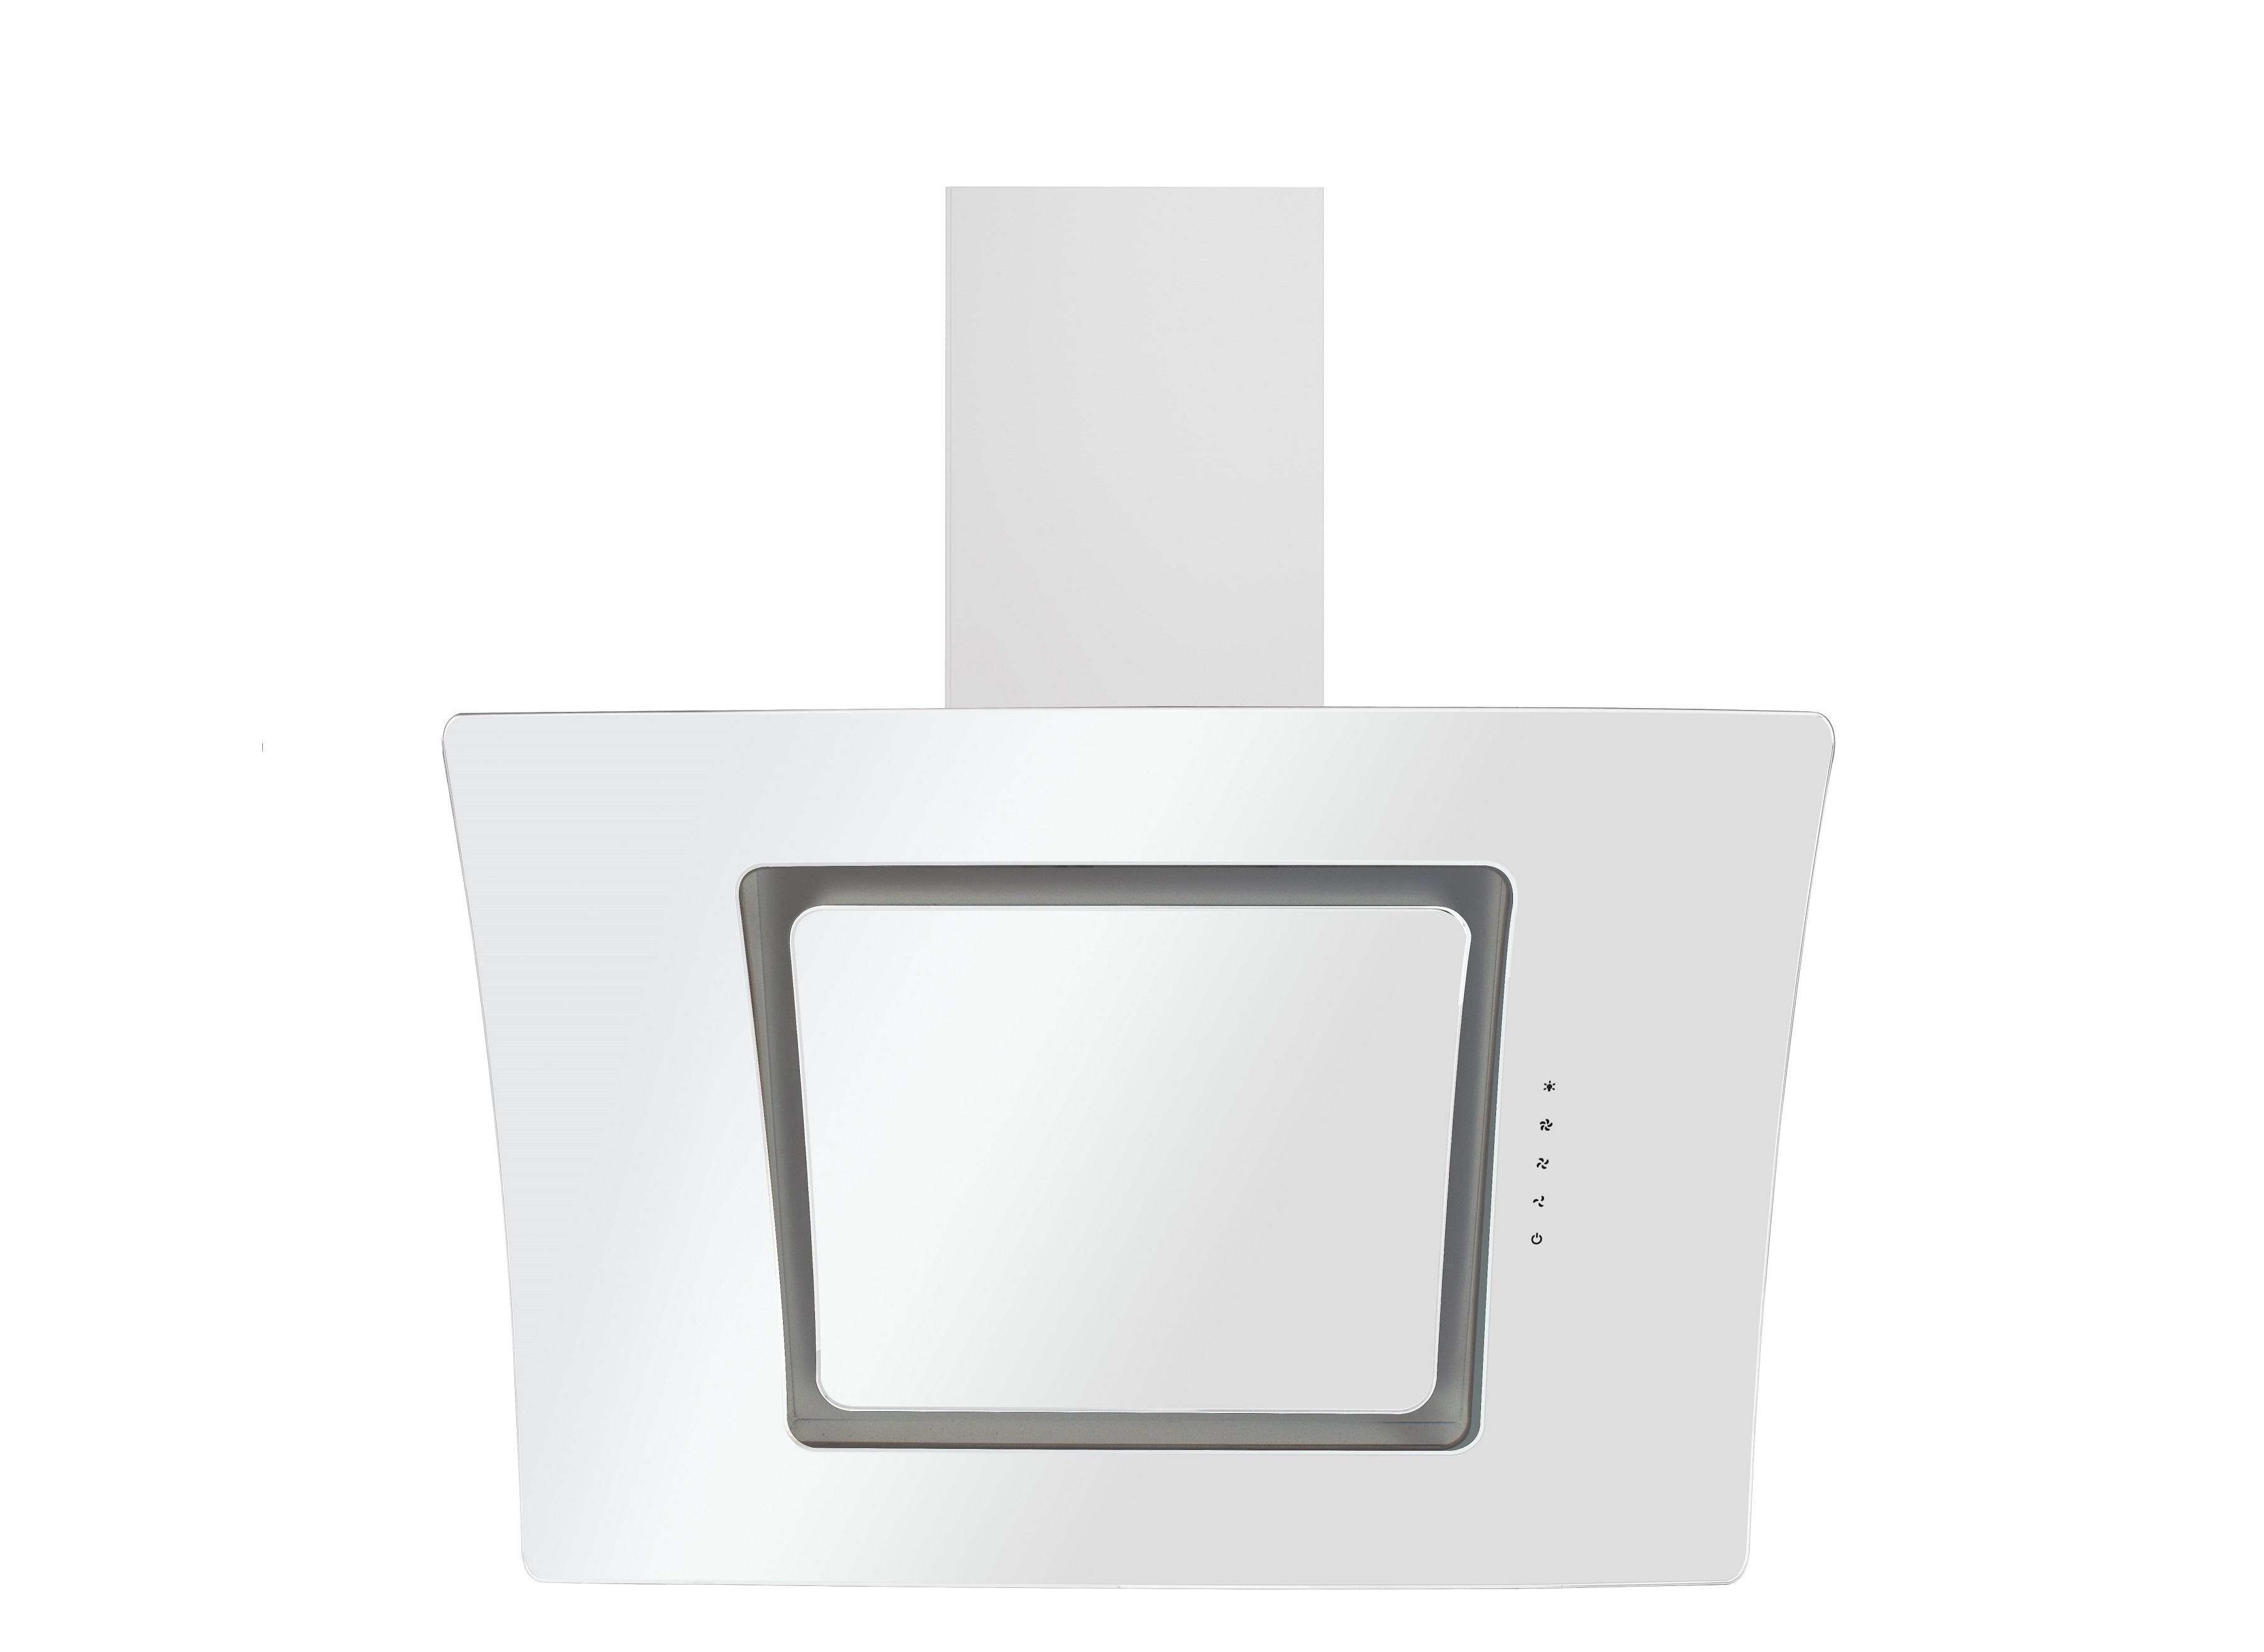 dunstabzugshaube schr ghaube wandhaube kopffrei glas 60 cm wei eekl a respekta ebay. Black Bedroom Furniture Sets. Home Design Ideas